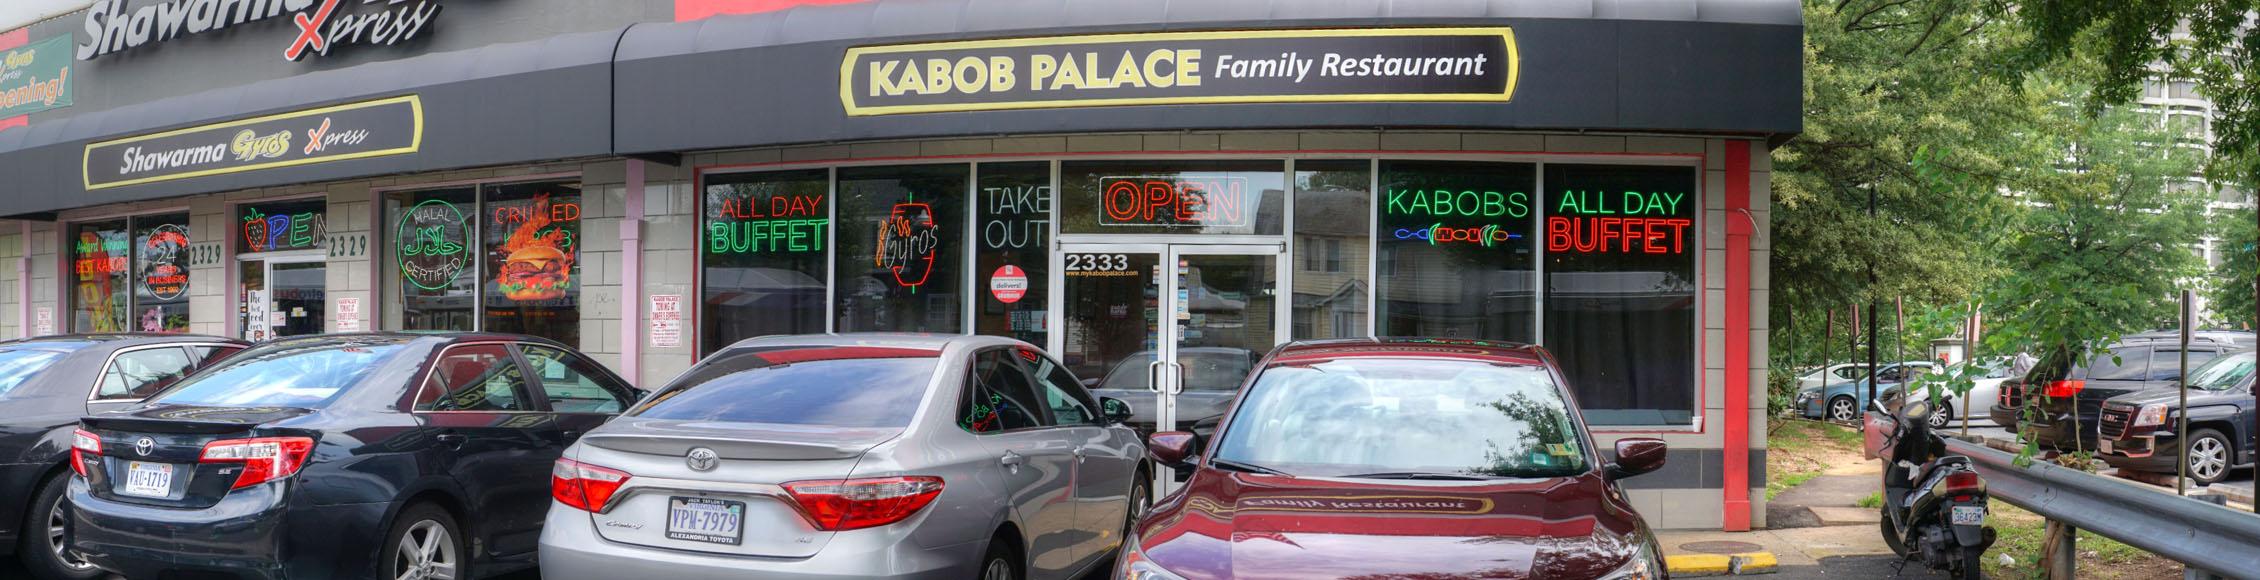 Kabob Palace 2 Exterior